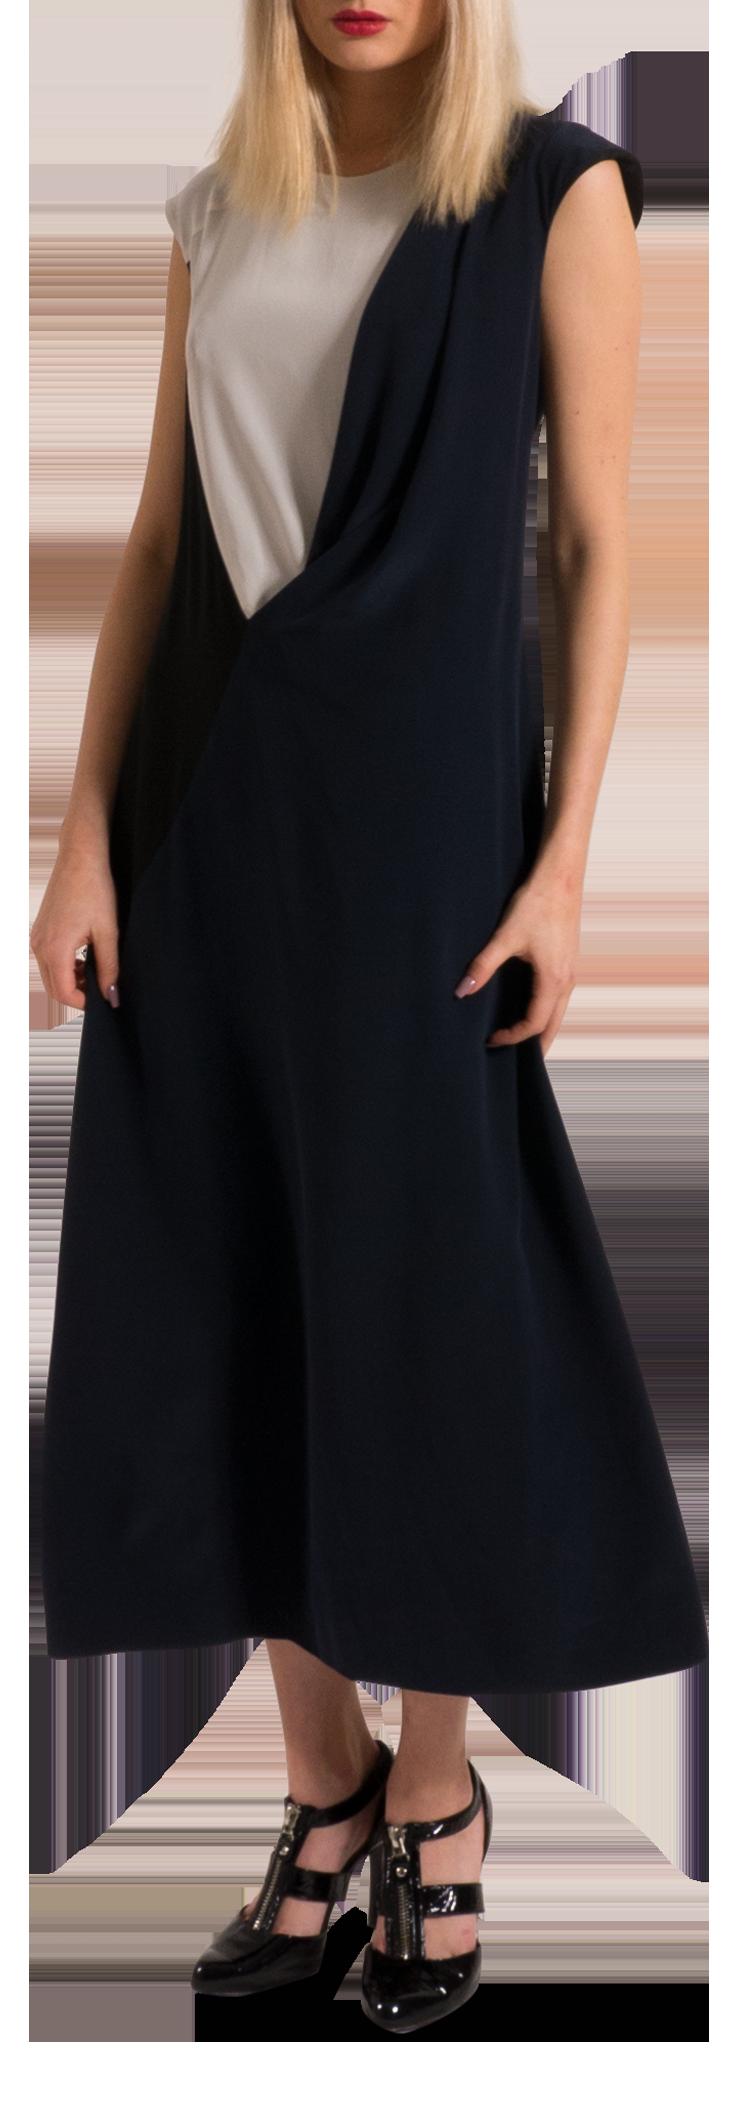 Bild 1 av Saturday silk dress